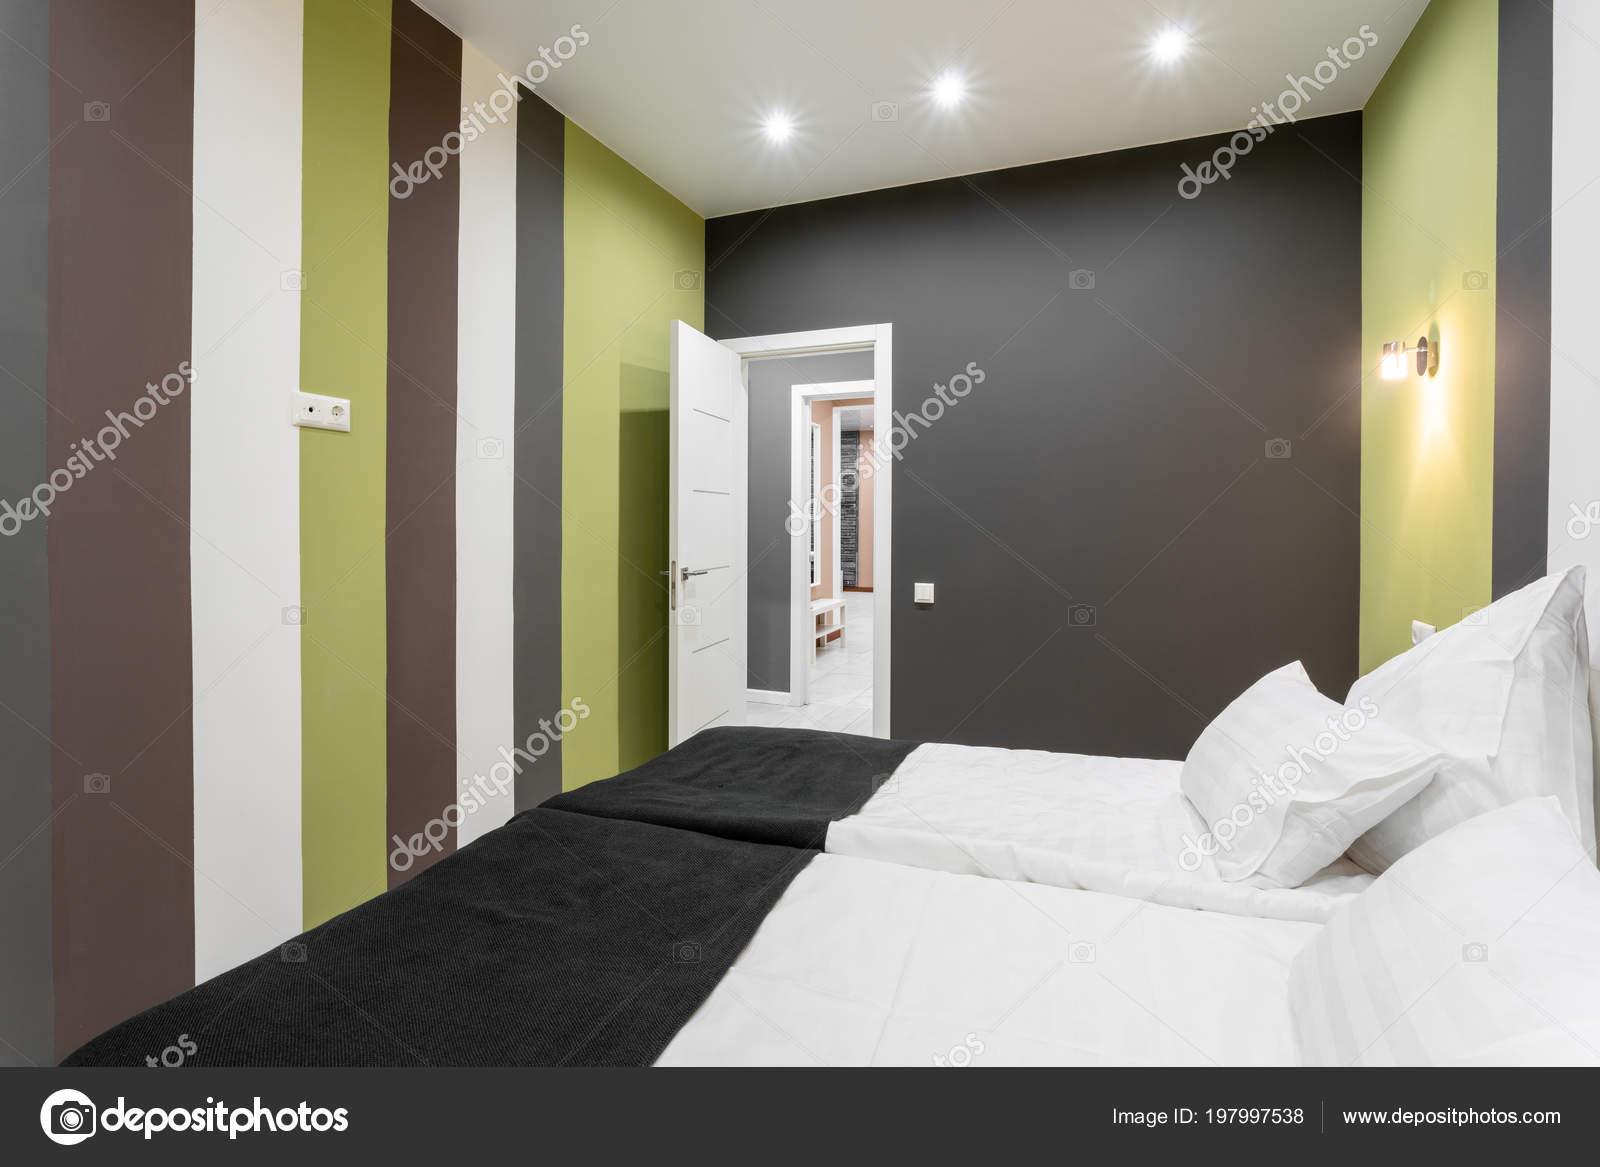 Camera standard di hotel. camera da letto moderna con cuscini